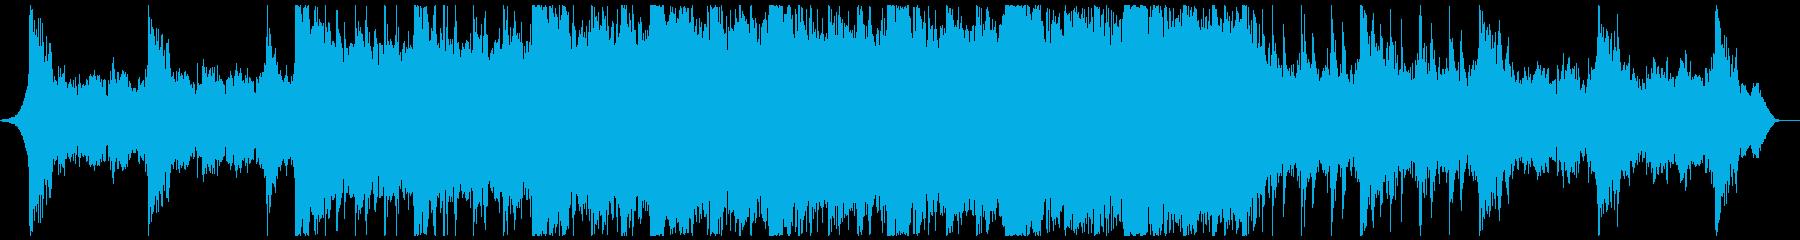 現代的 交響曲 広い 壮大 緊張感...の再生済みの波形